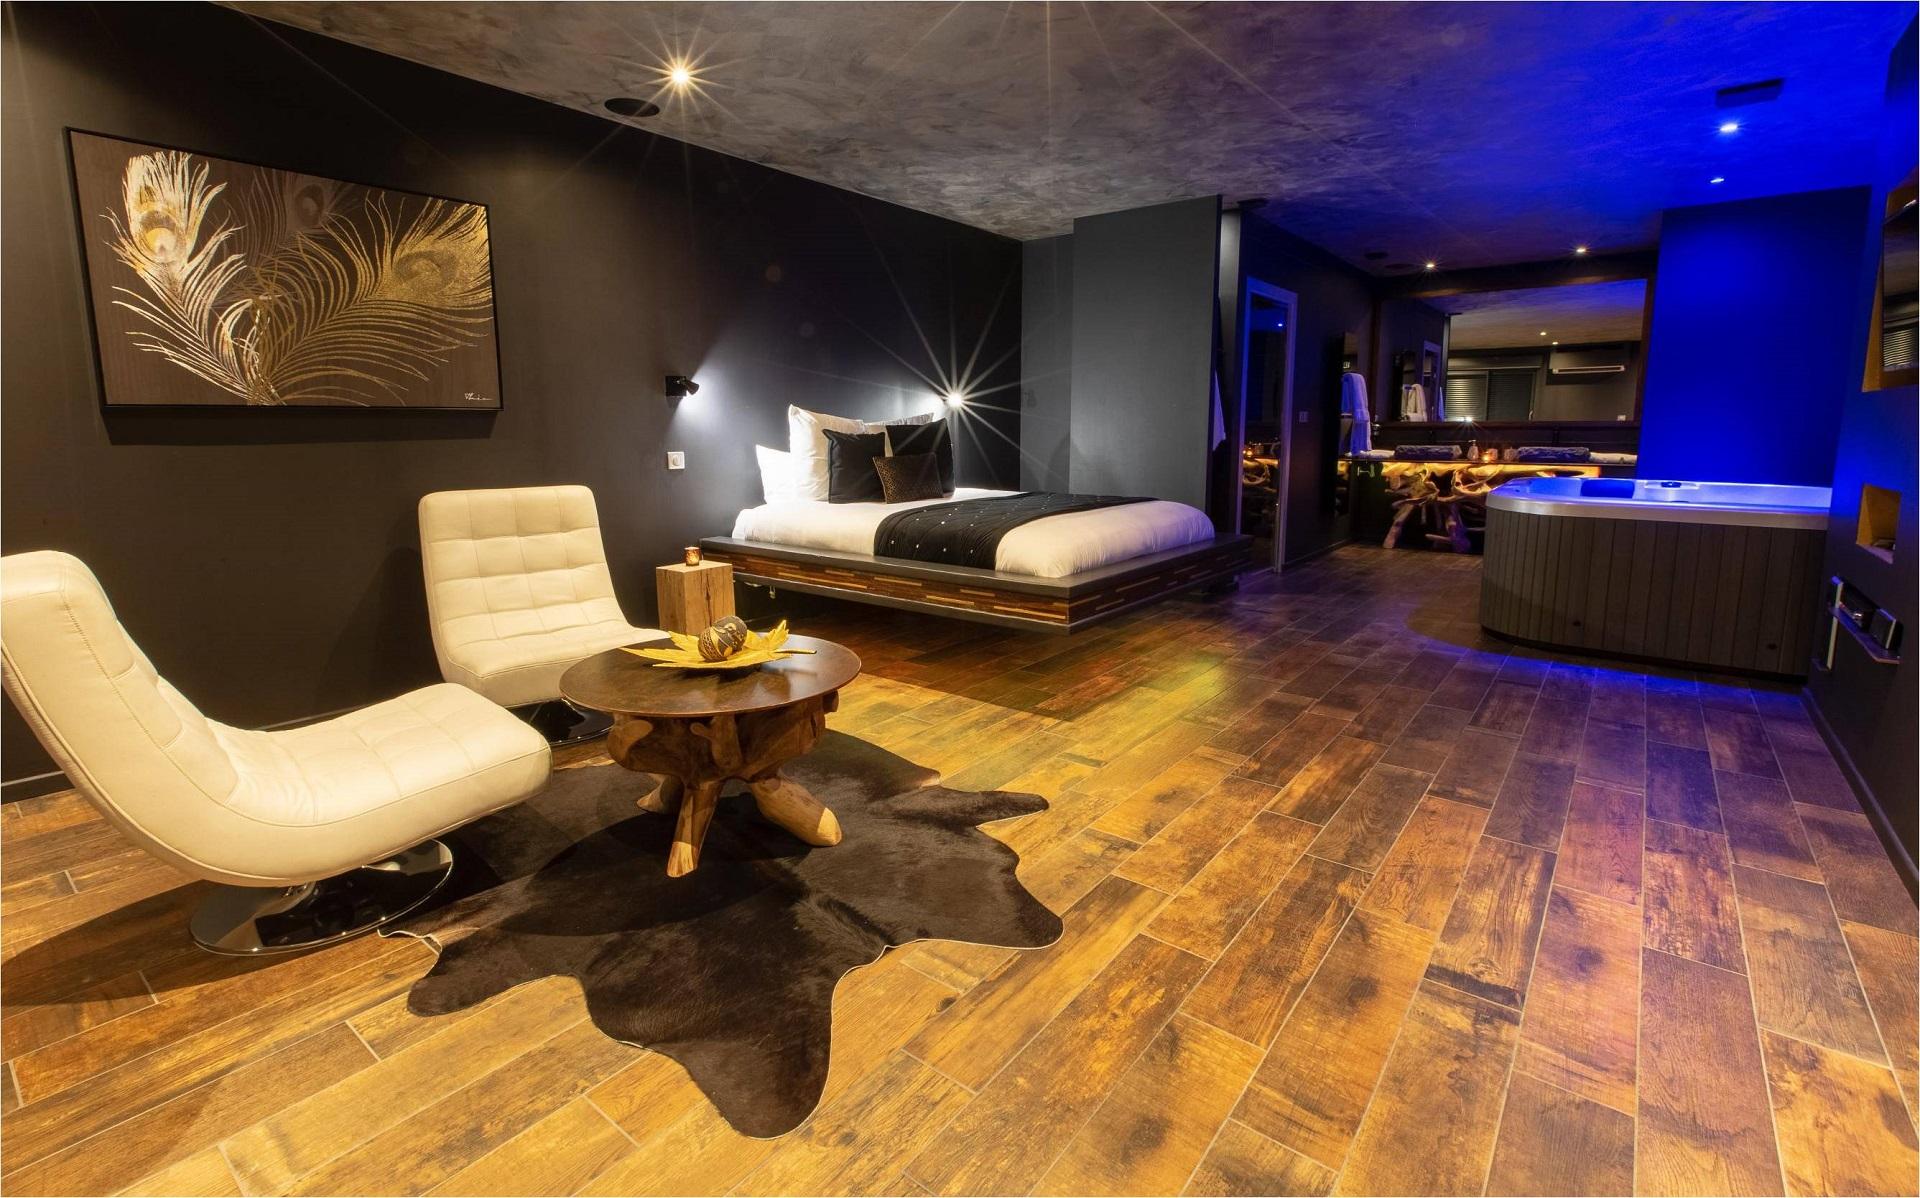 L Effet Spa Suite Avec Jacuzzi Et Sauna Privatifs A Douai Nuit D Amour